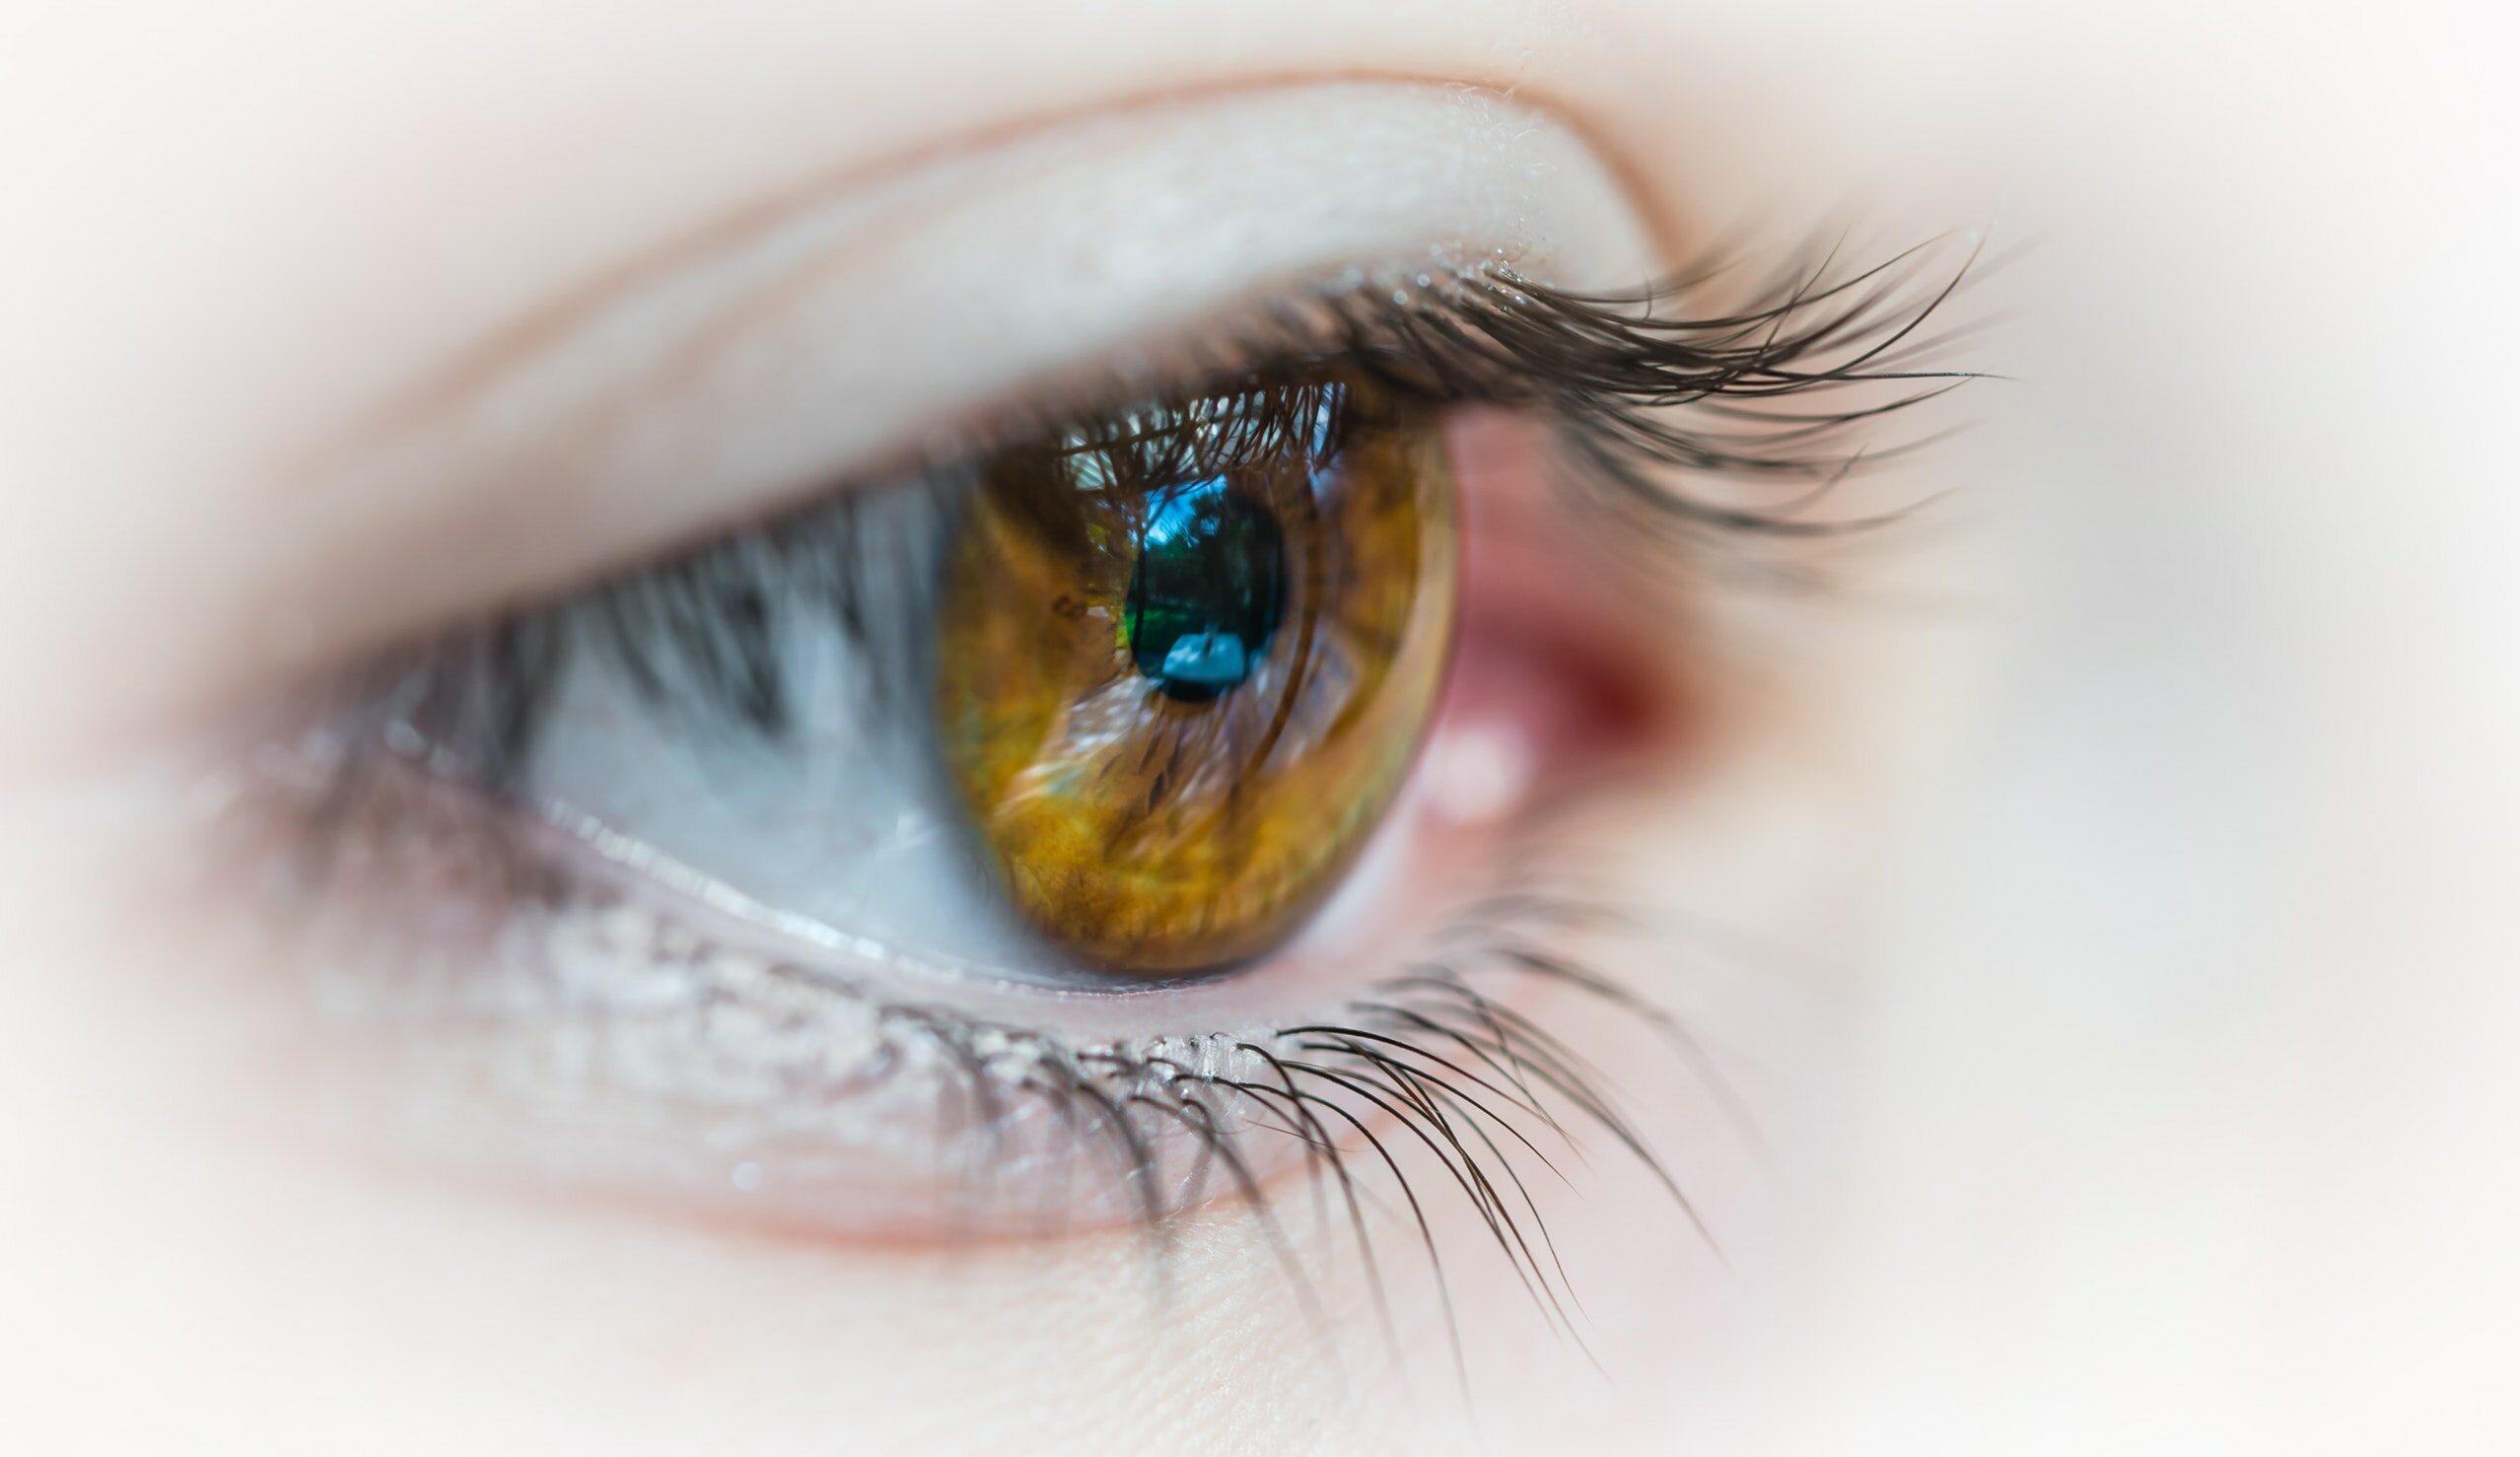 Oko, zdjęcie ilustracyjne